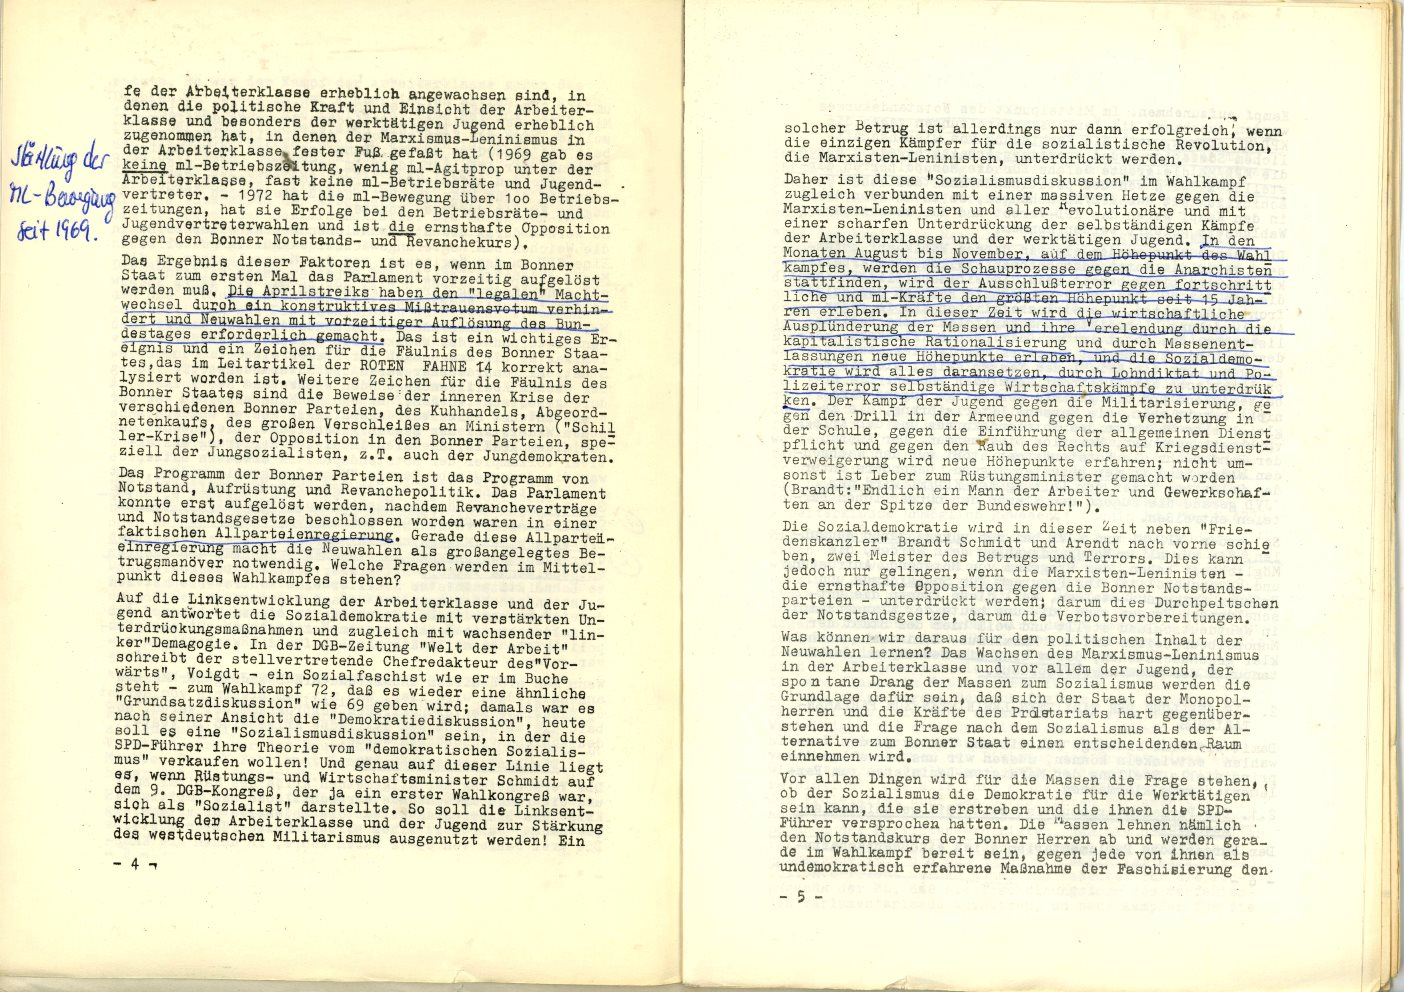 ZB_Rahmenplan_19720804_04